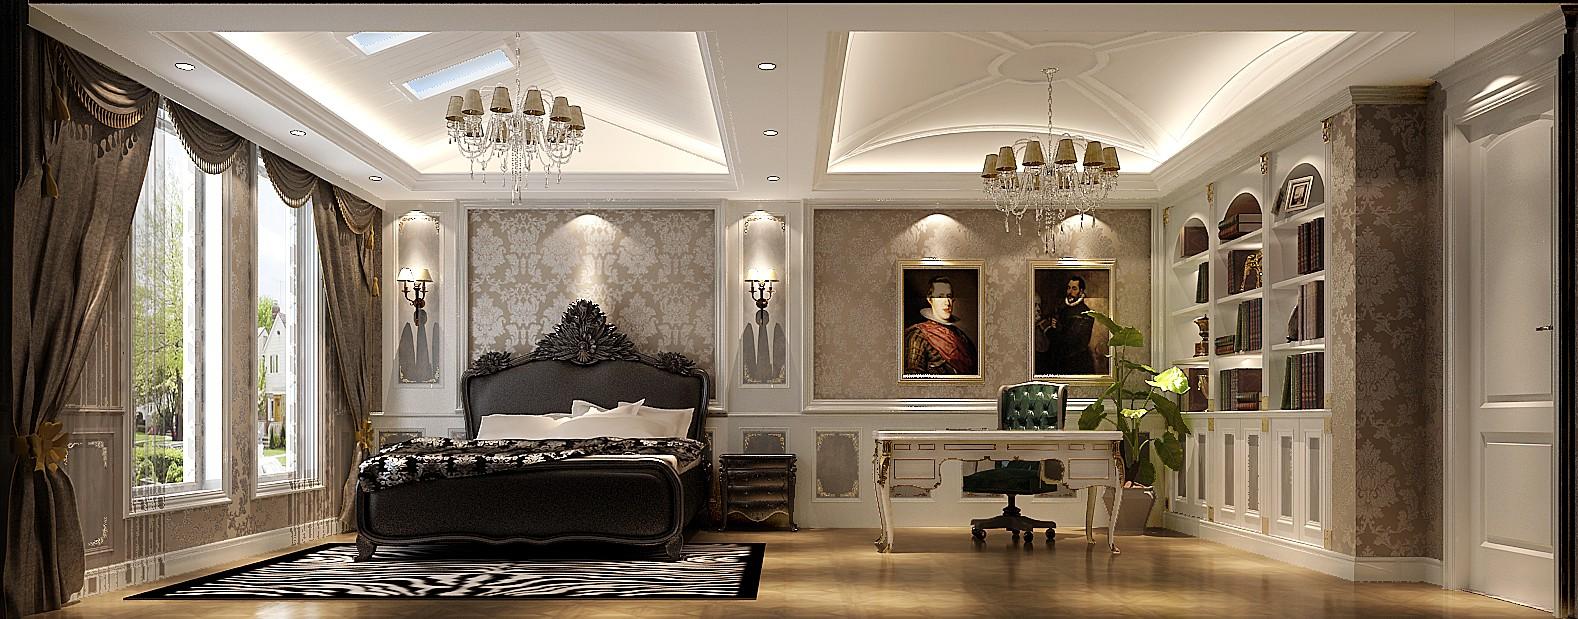 高度国际 旭辉御府 法式 复式 卧室图片来自高度国际在法式的浪漫,完美的爱情的分享